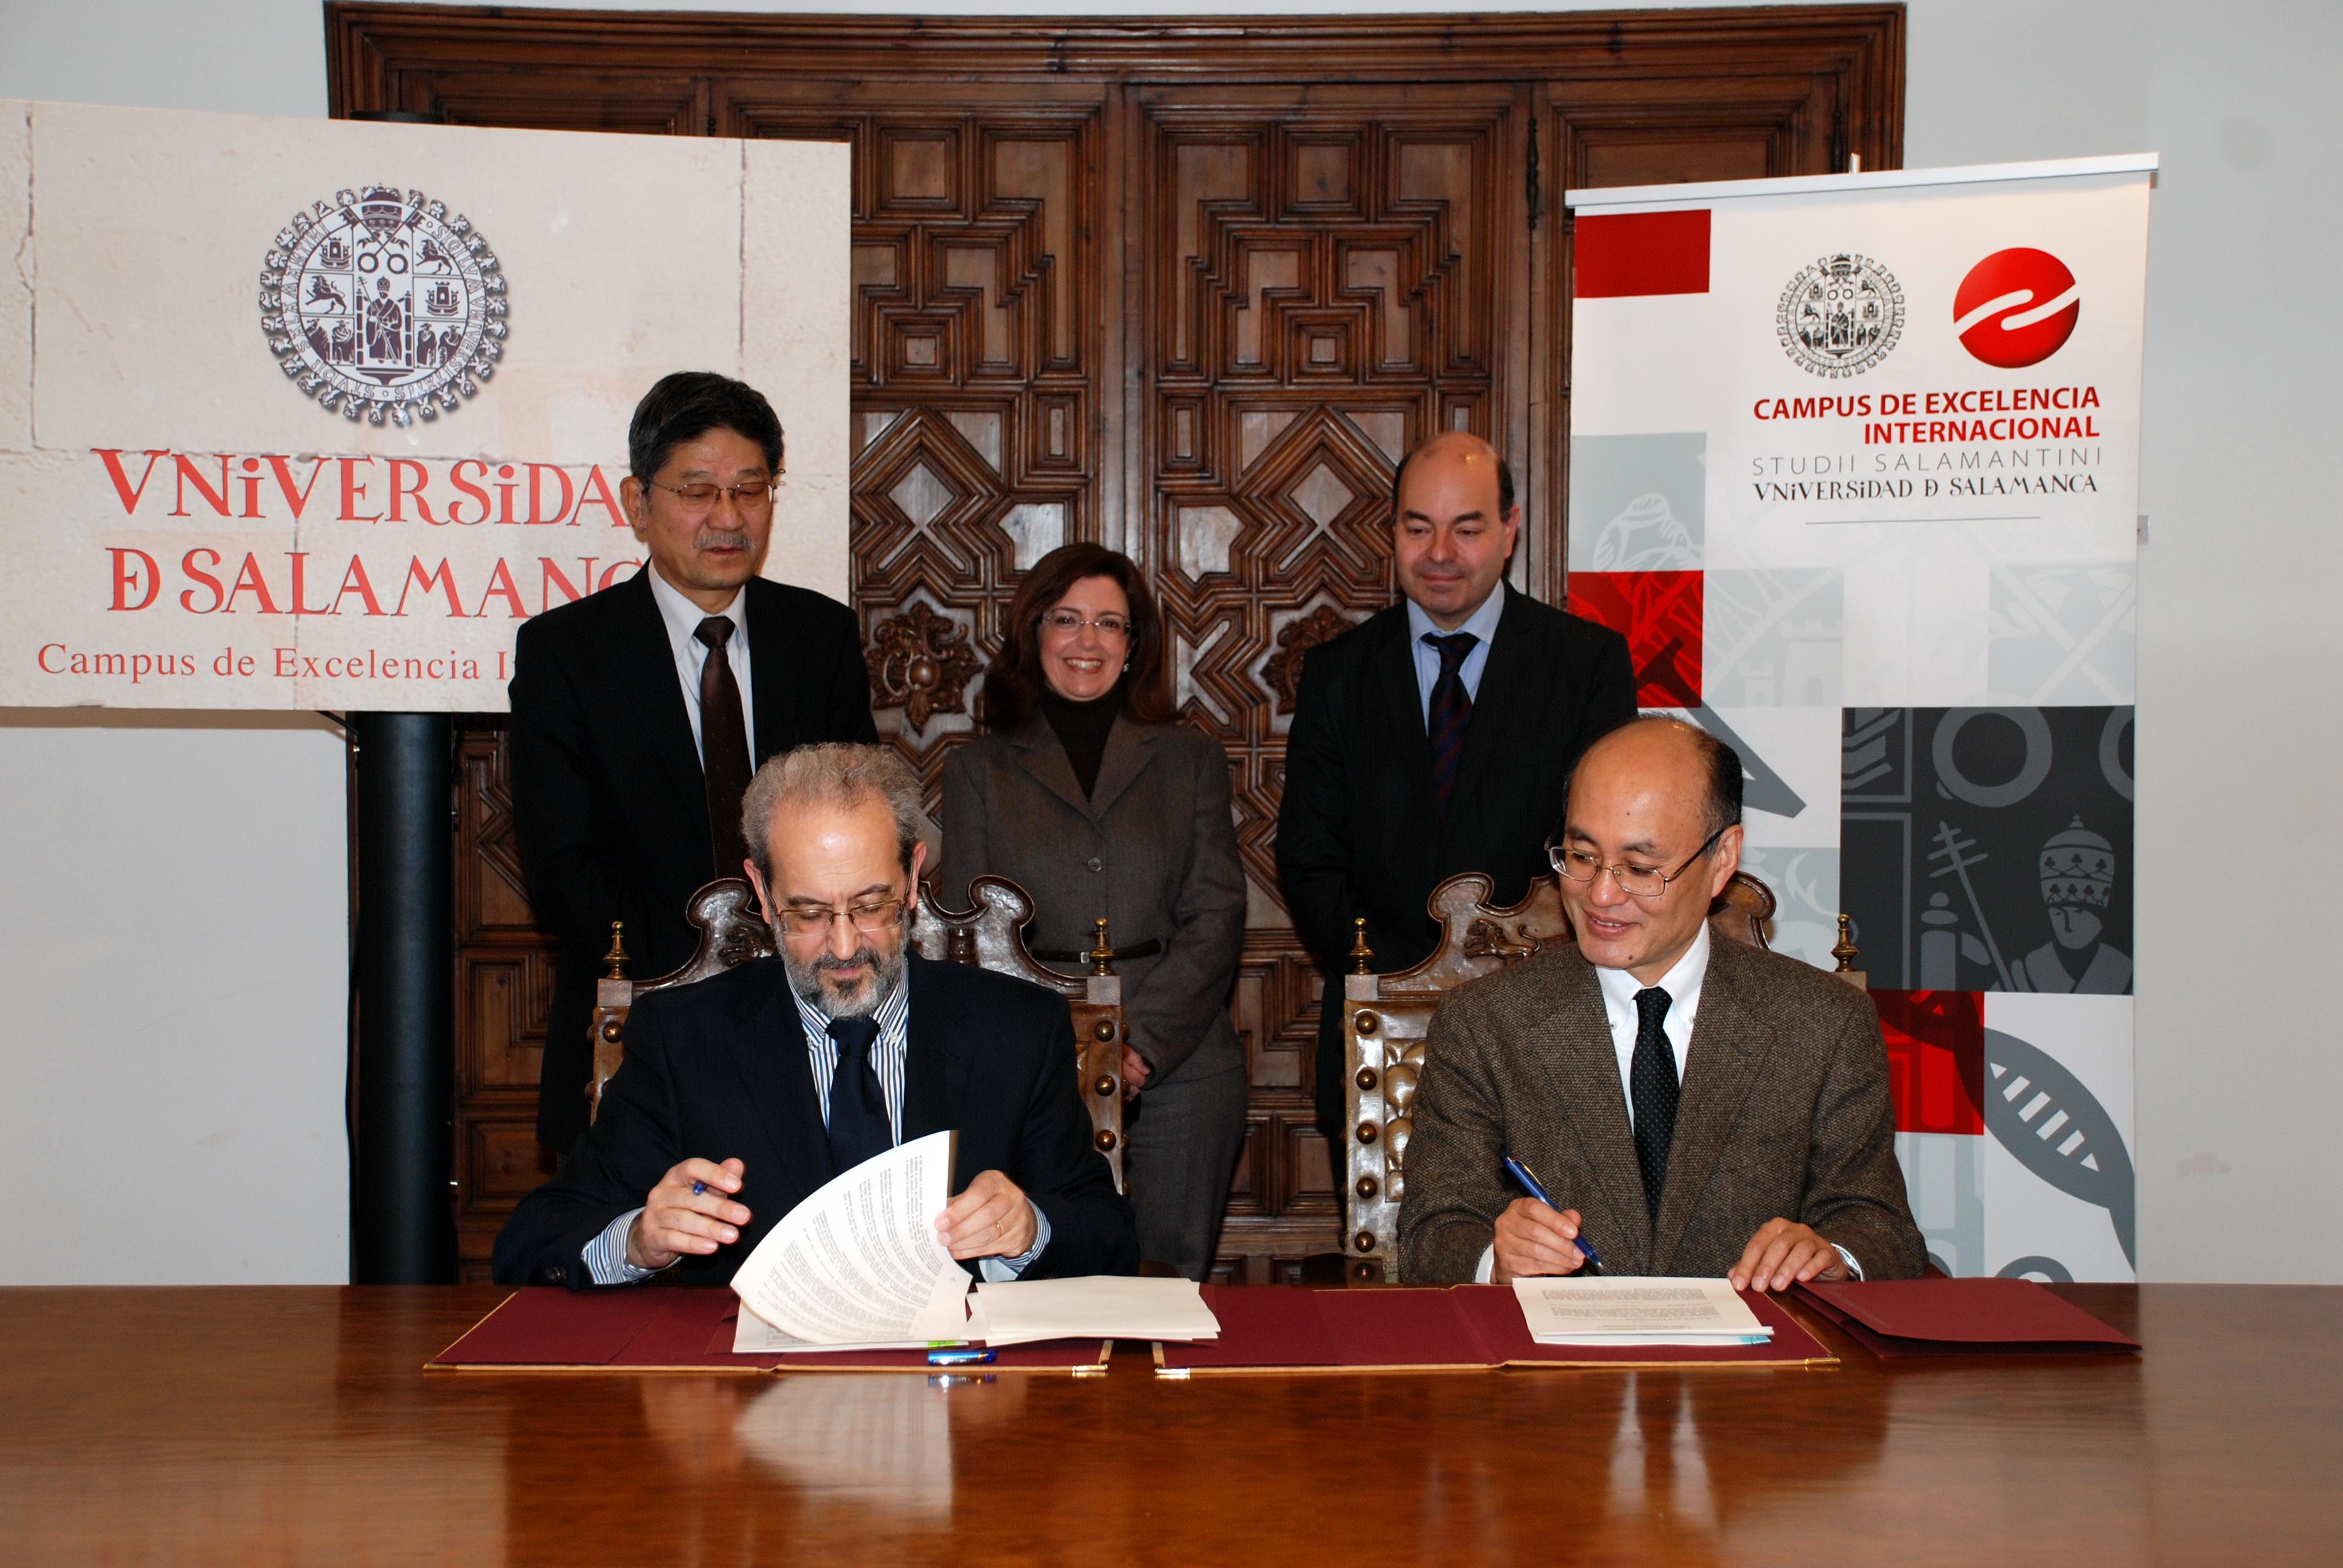 Las universidades de Salamanca y Kanazawa fijan las bases para la colaboración en movilidad de estudiantes y docentes